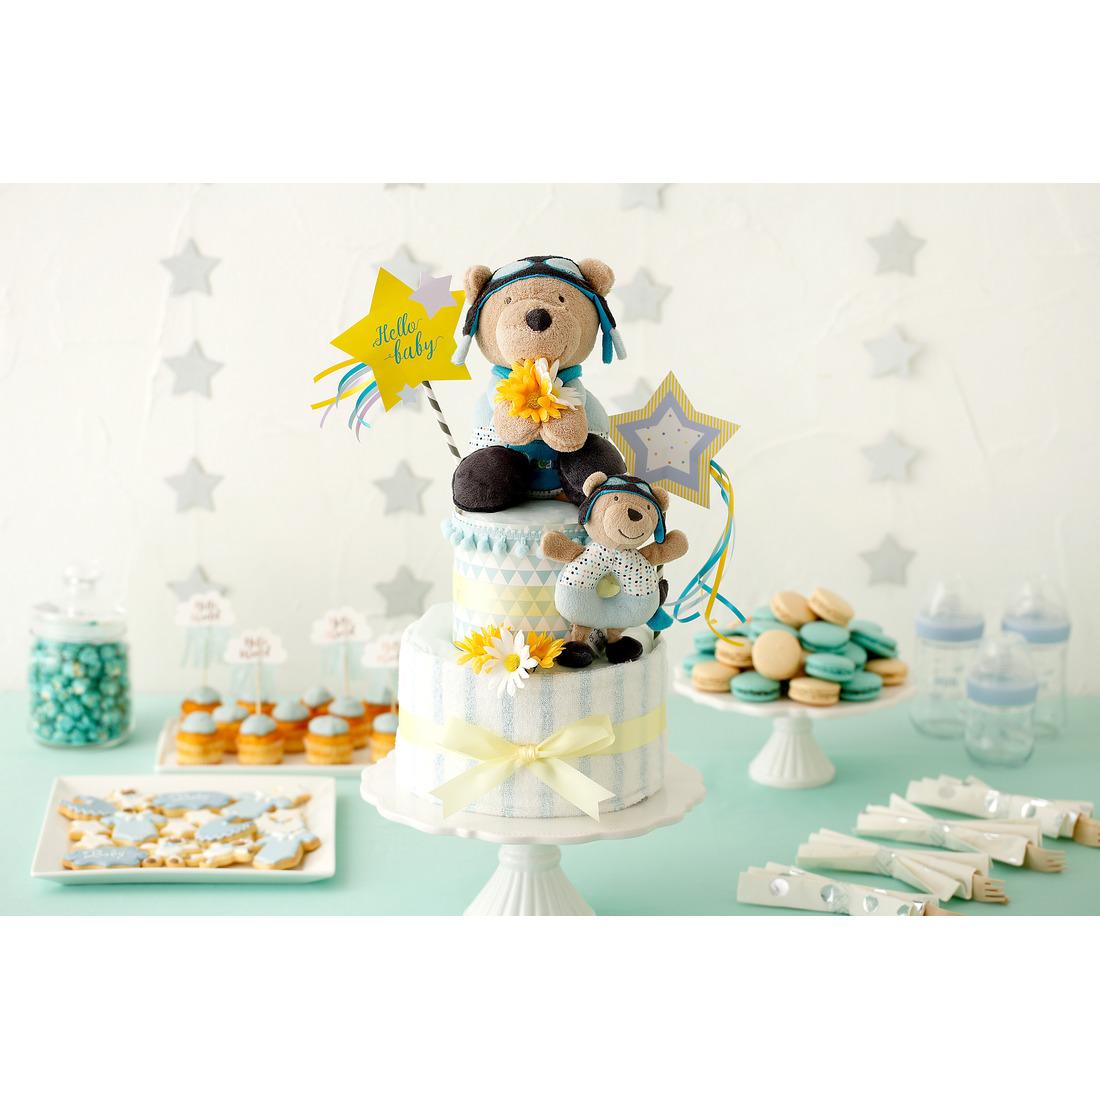 Diaper Cake ダイパーケーキ スターベア | おむつケーキ 男の子 女の子 おしゃれ かわいい シンプル 送料無料 パンパース sサイズ 出産祝い プレゼント ギフト タオル おもちゃ